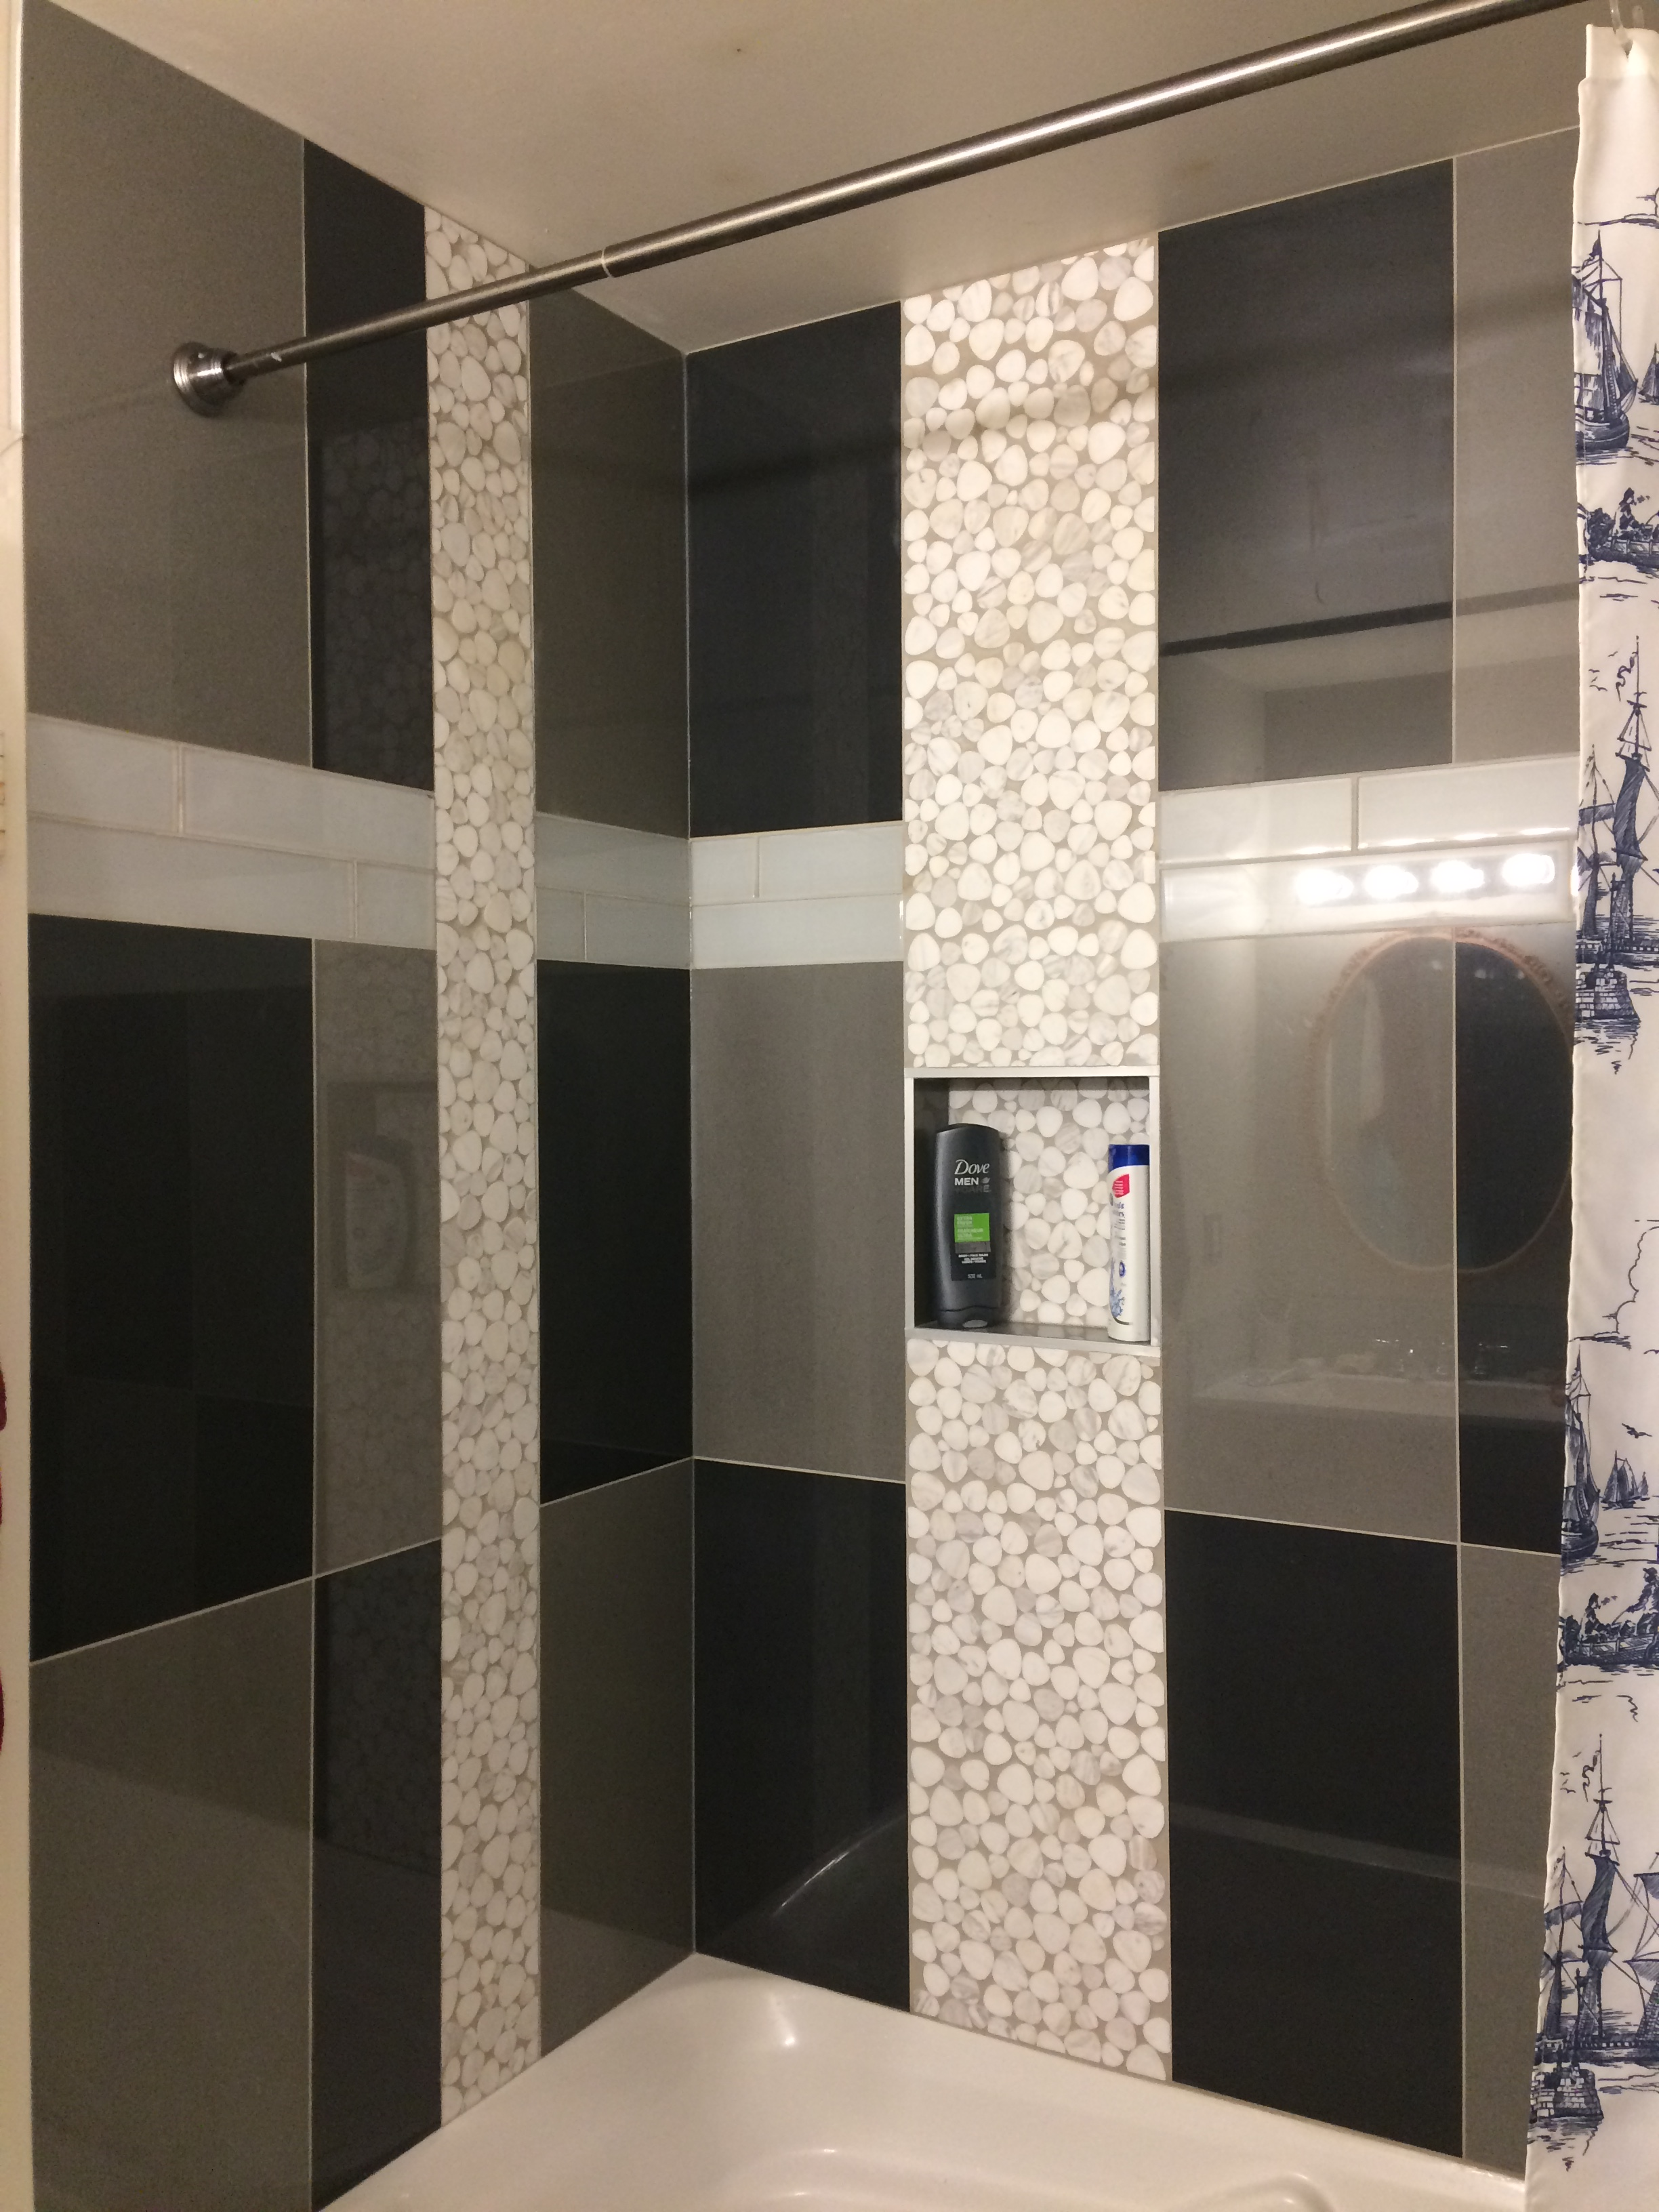 Bathroom tub surround reno (after)